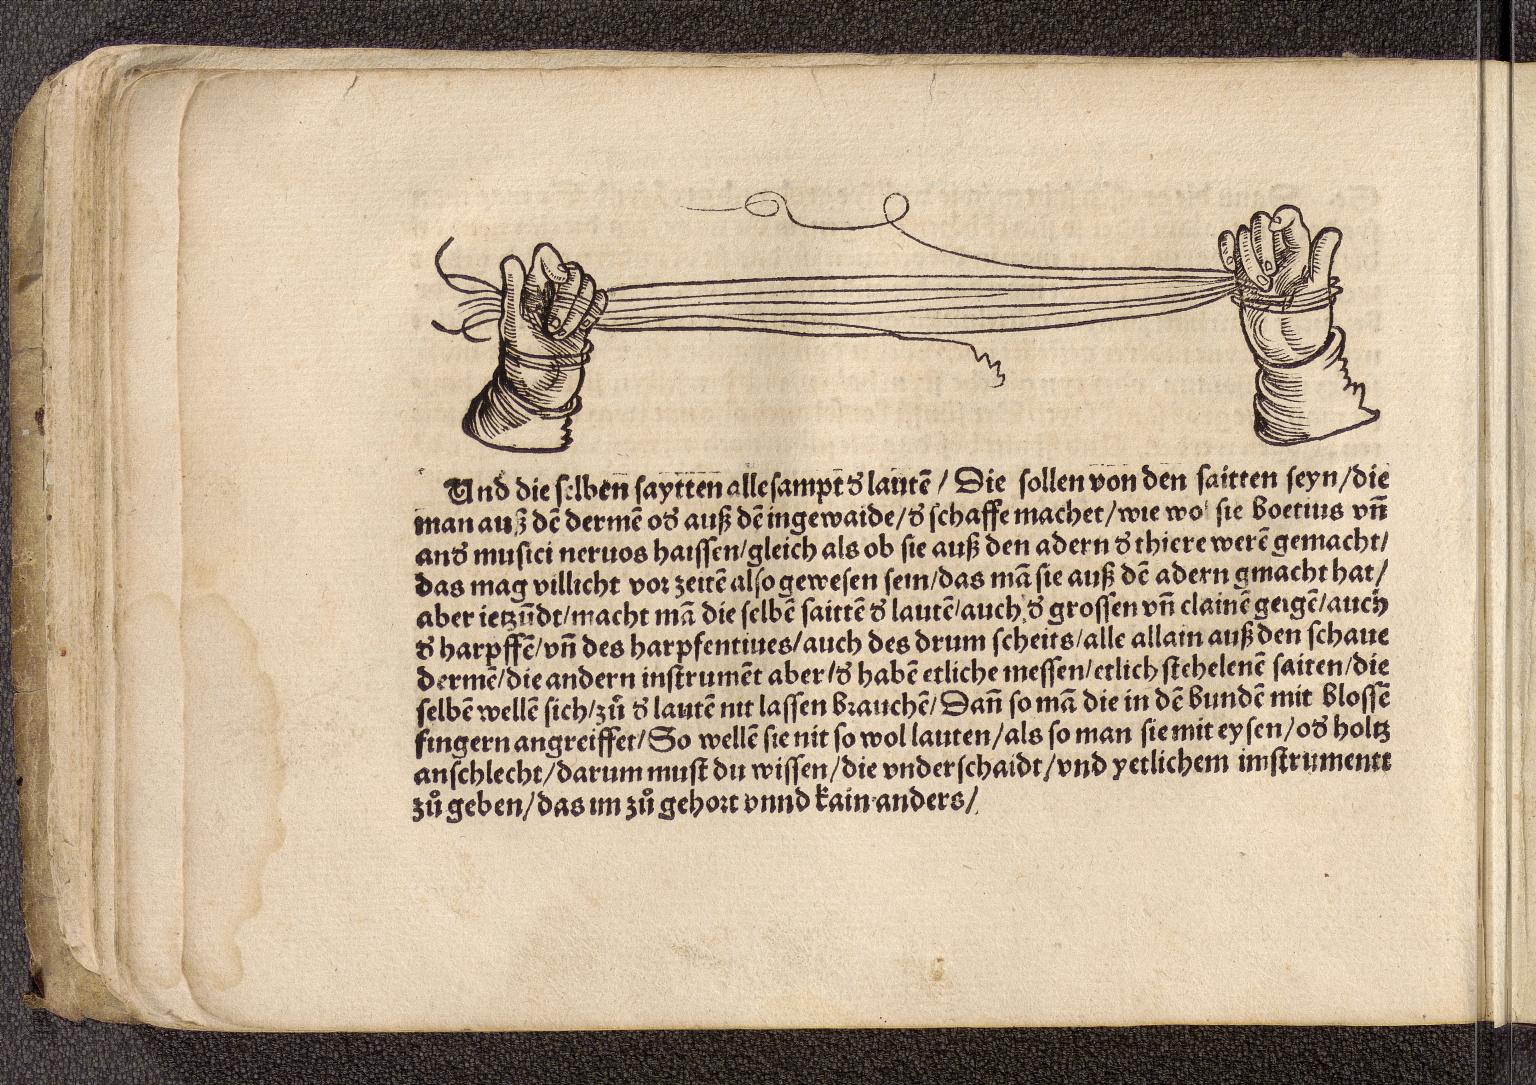 Musica Getutscht, p. 72